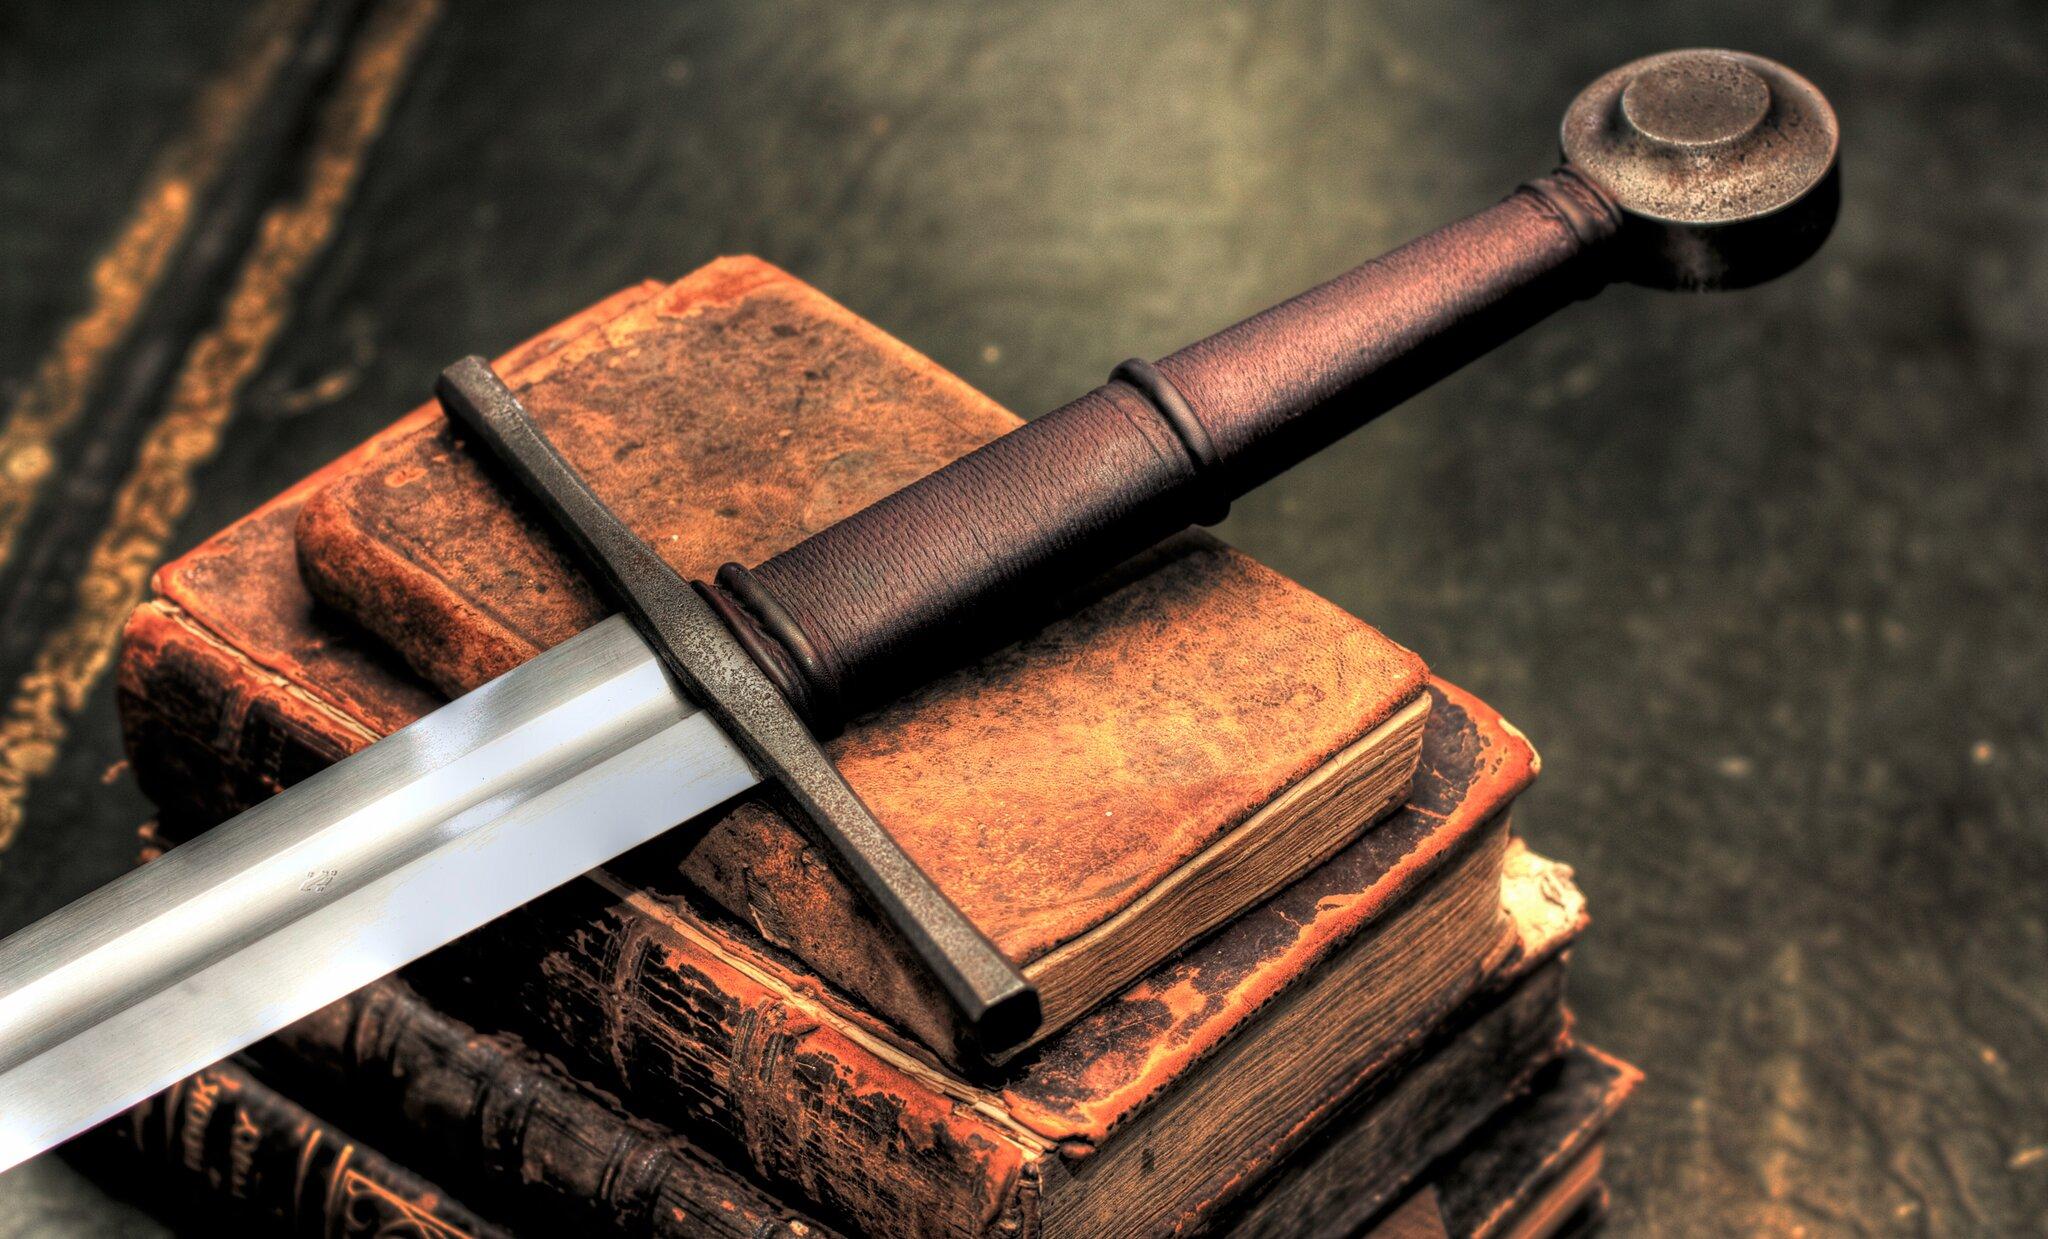 Replika średniowiecznego miecza Replika średniowiecznego miecza Źródło: Quinn Wilson, fotografia barwna, licencja: CC BY 2.0.